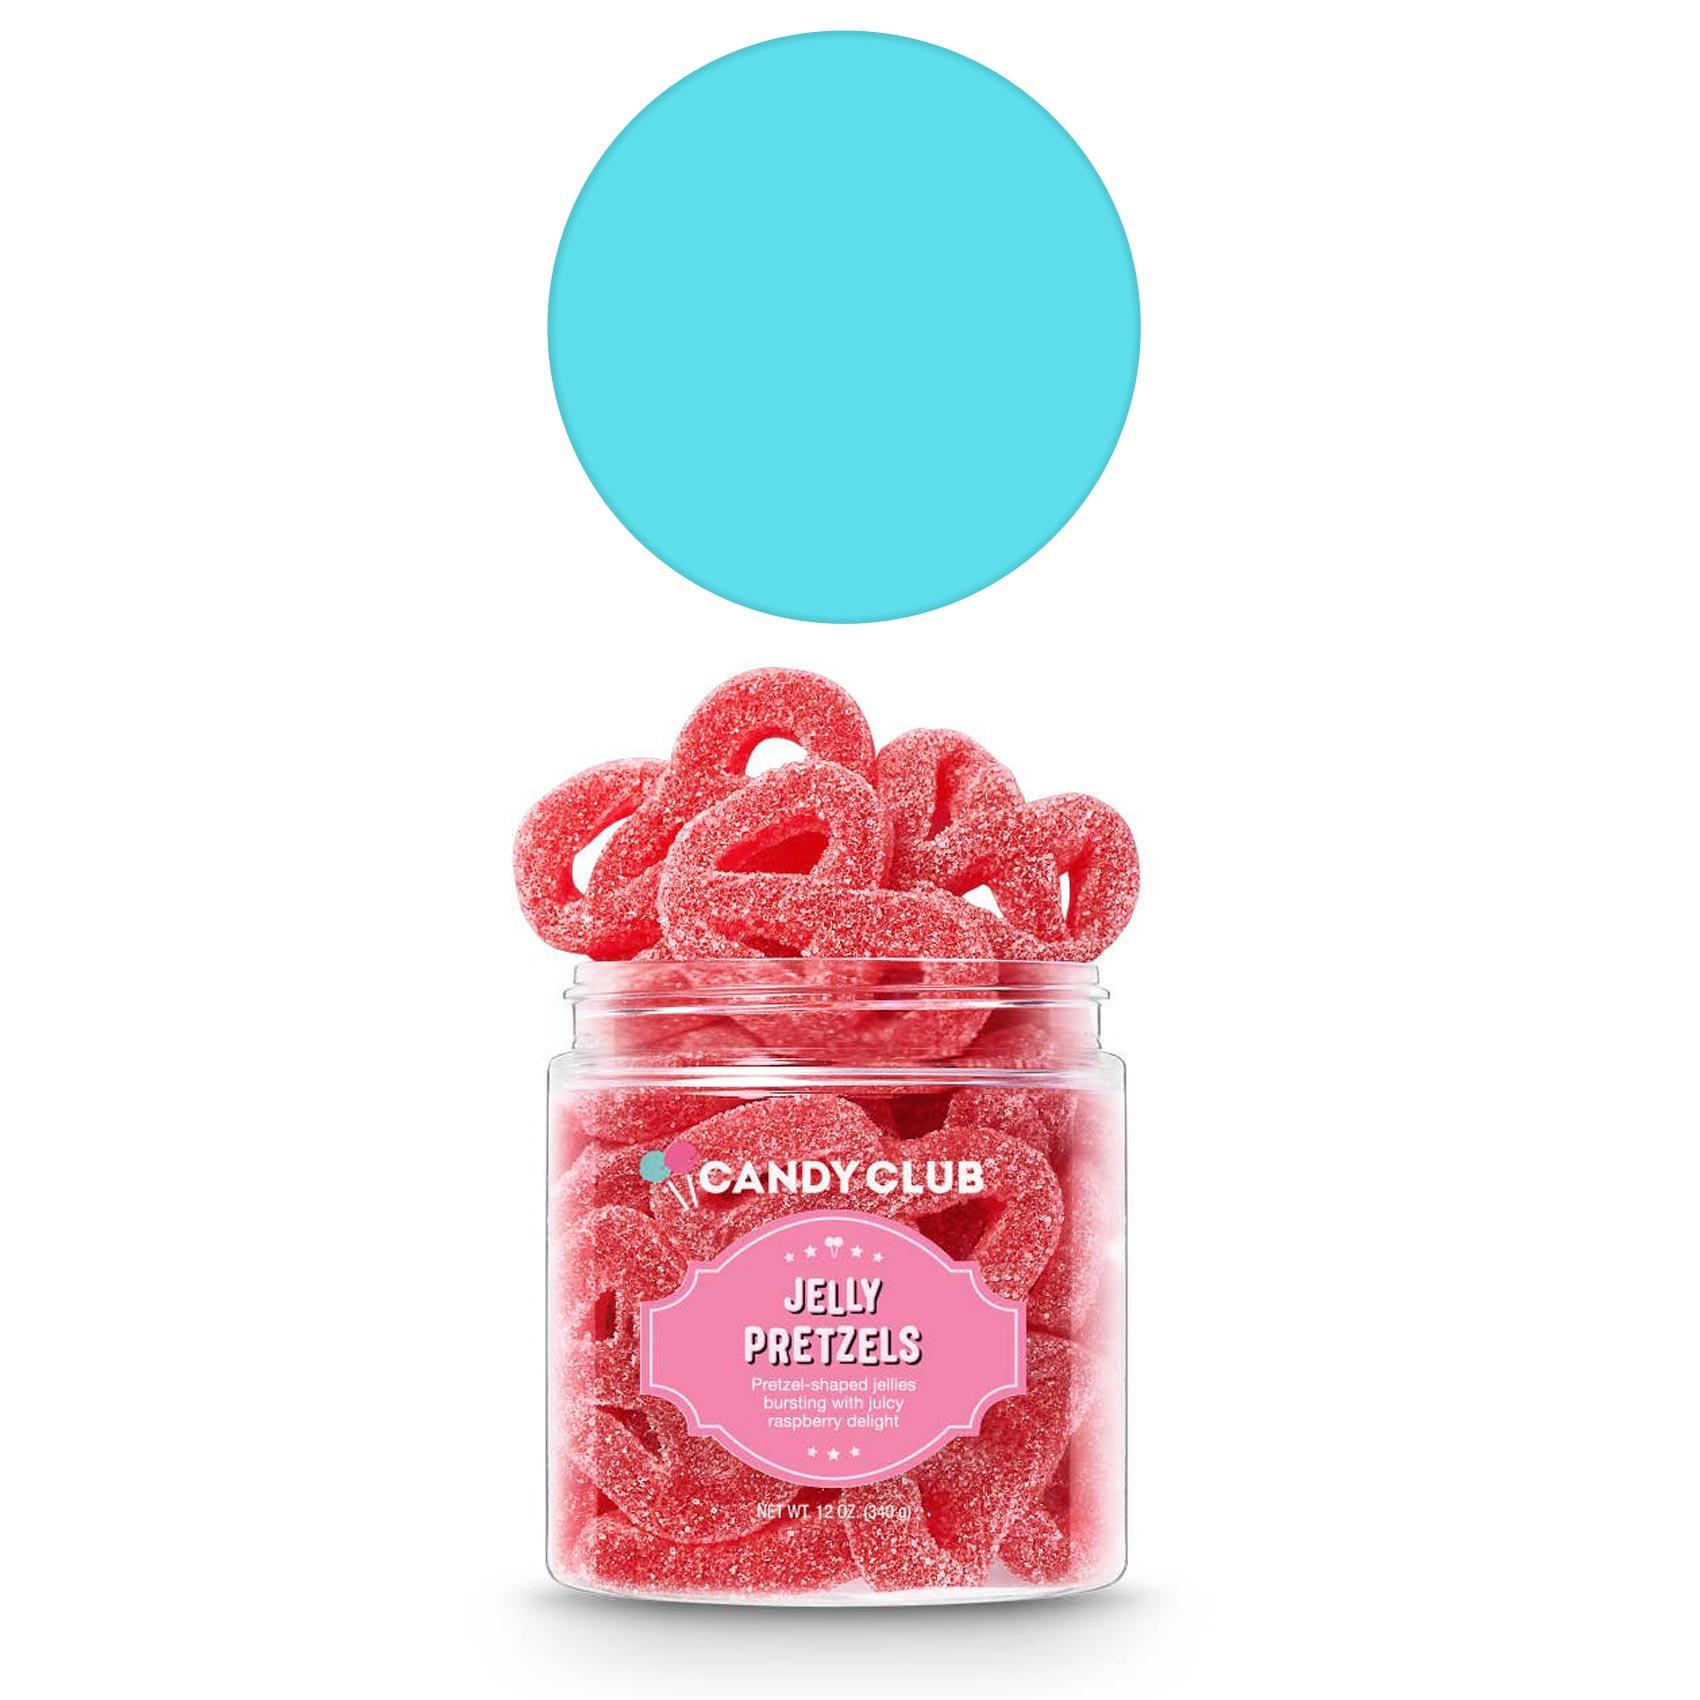 Jelly pretzles